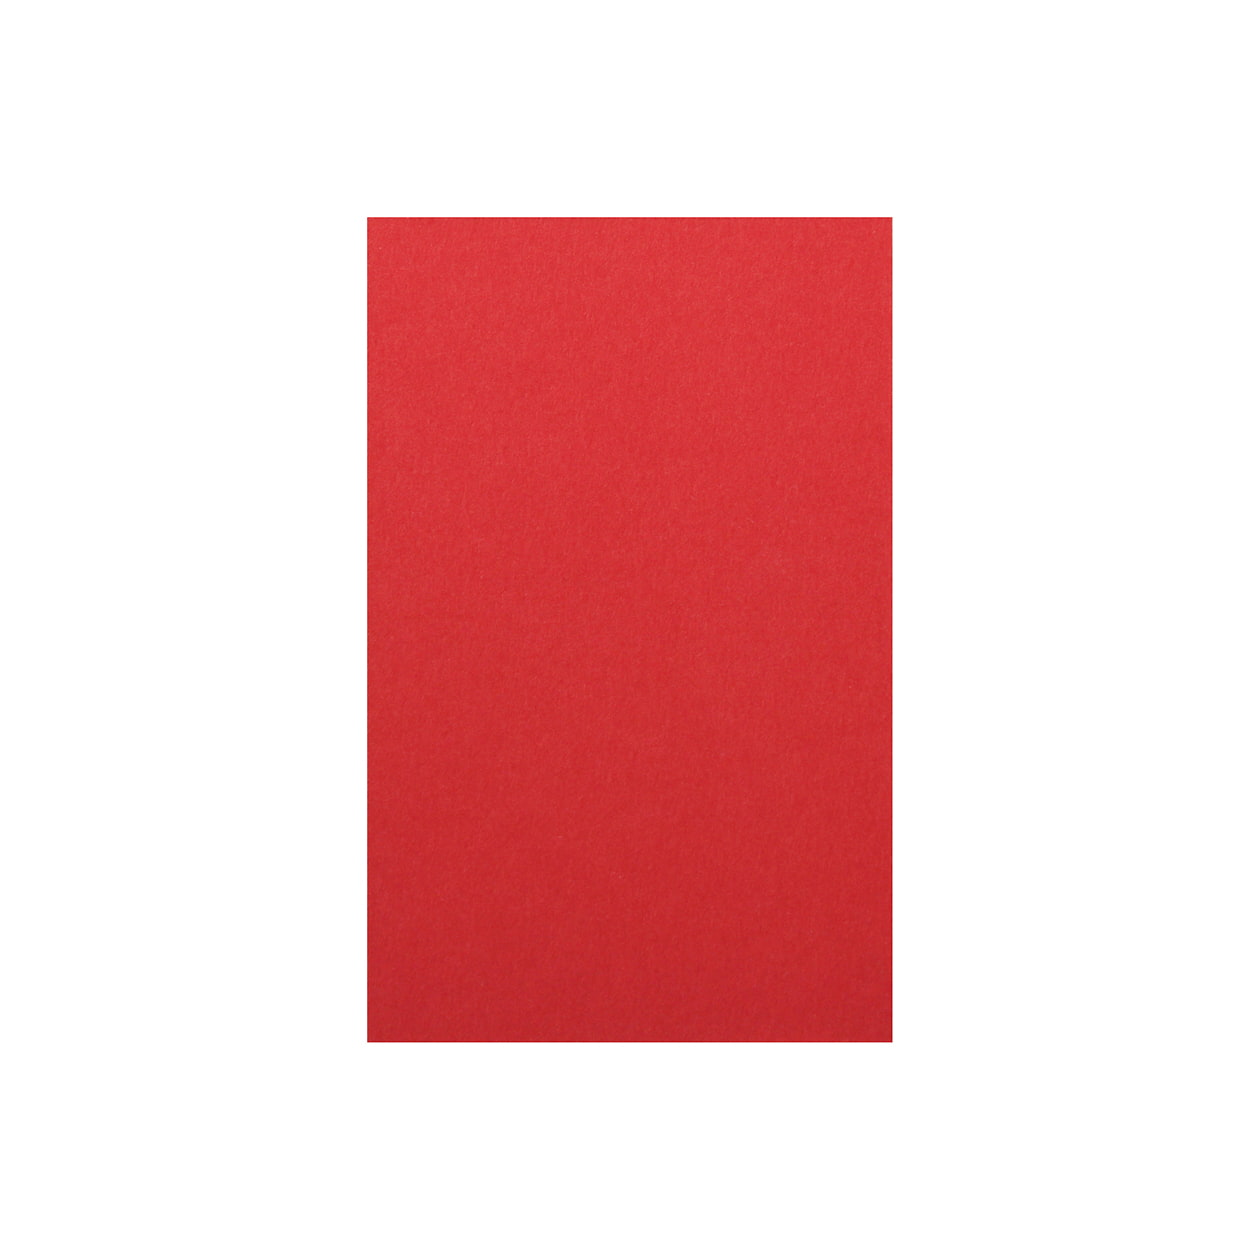 サンプル カード・シート 00343